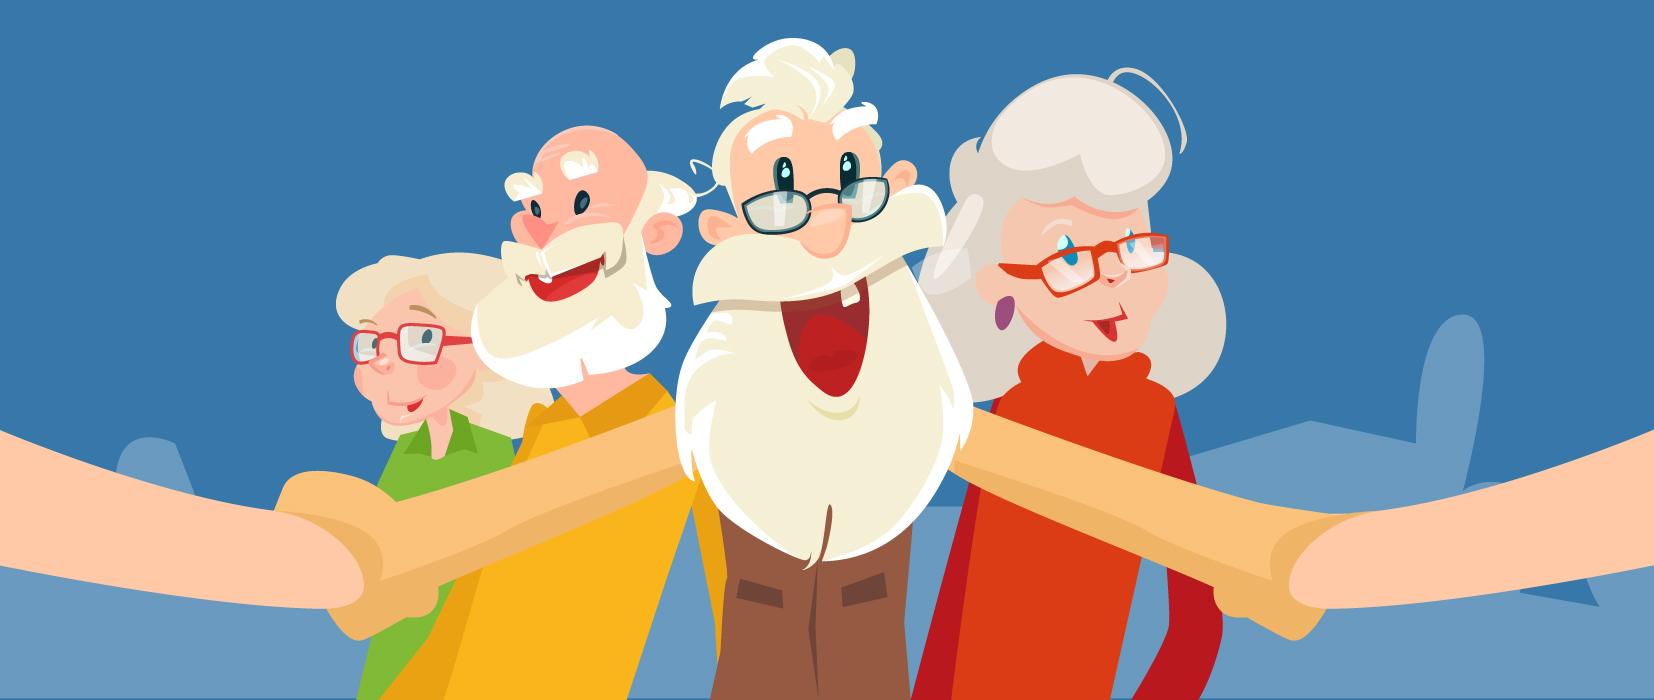 Oma hat die WhatsApps-Gruppe gesprengt